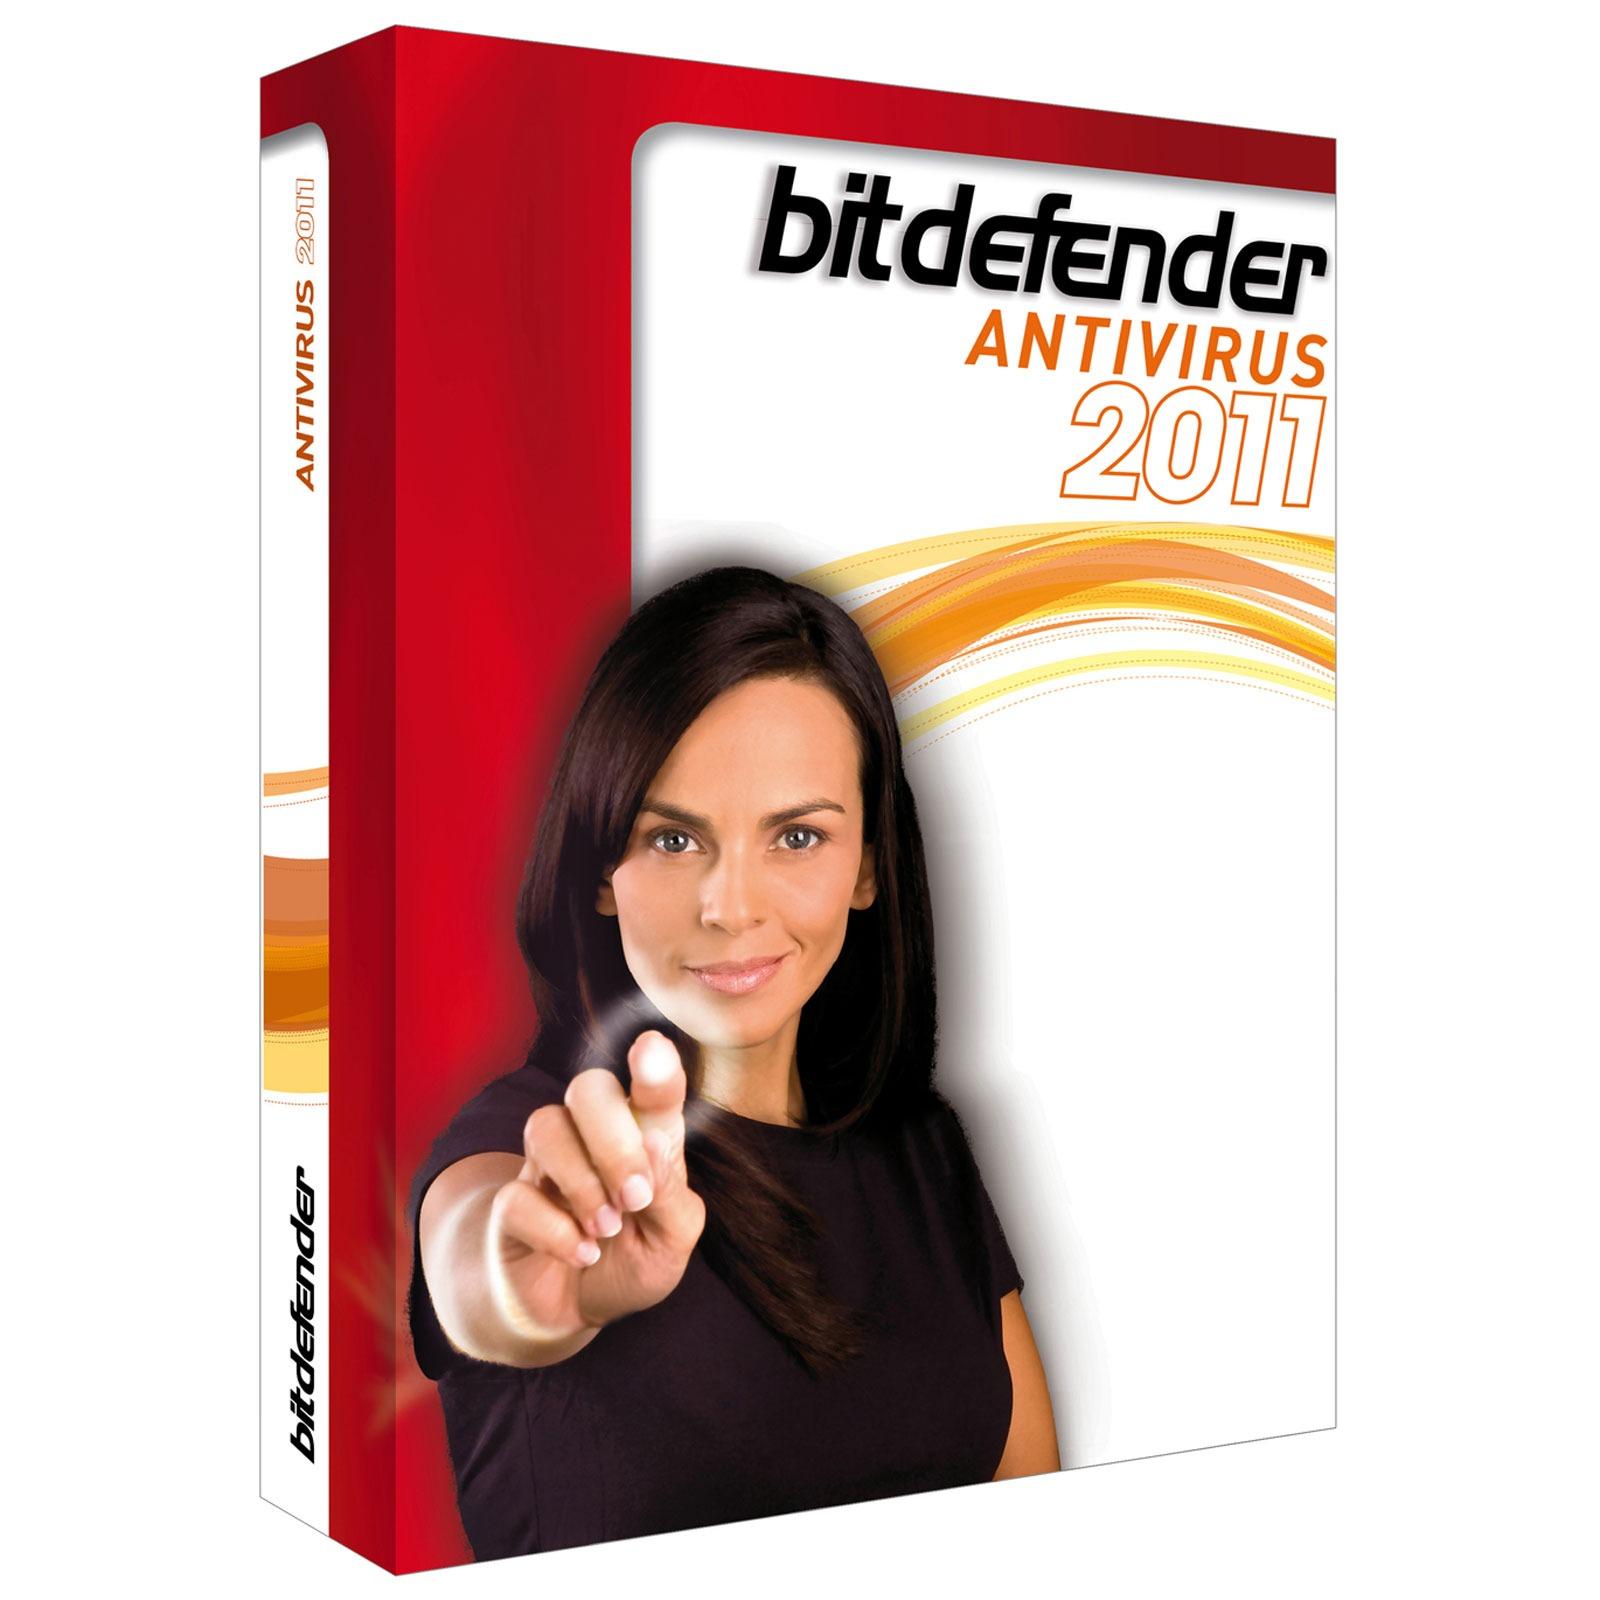 bitdefender antivirus 2011 logiciel antivirus bitdefender sur ldlc. Black Bedroom Furniture Sets. Home Design Ideas